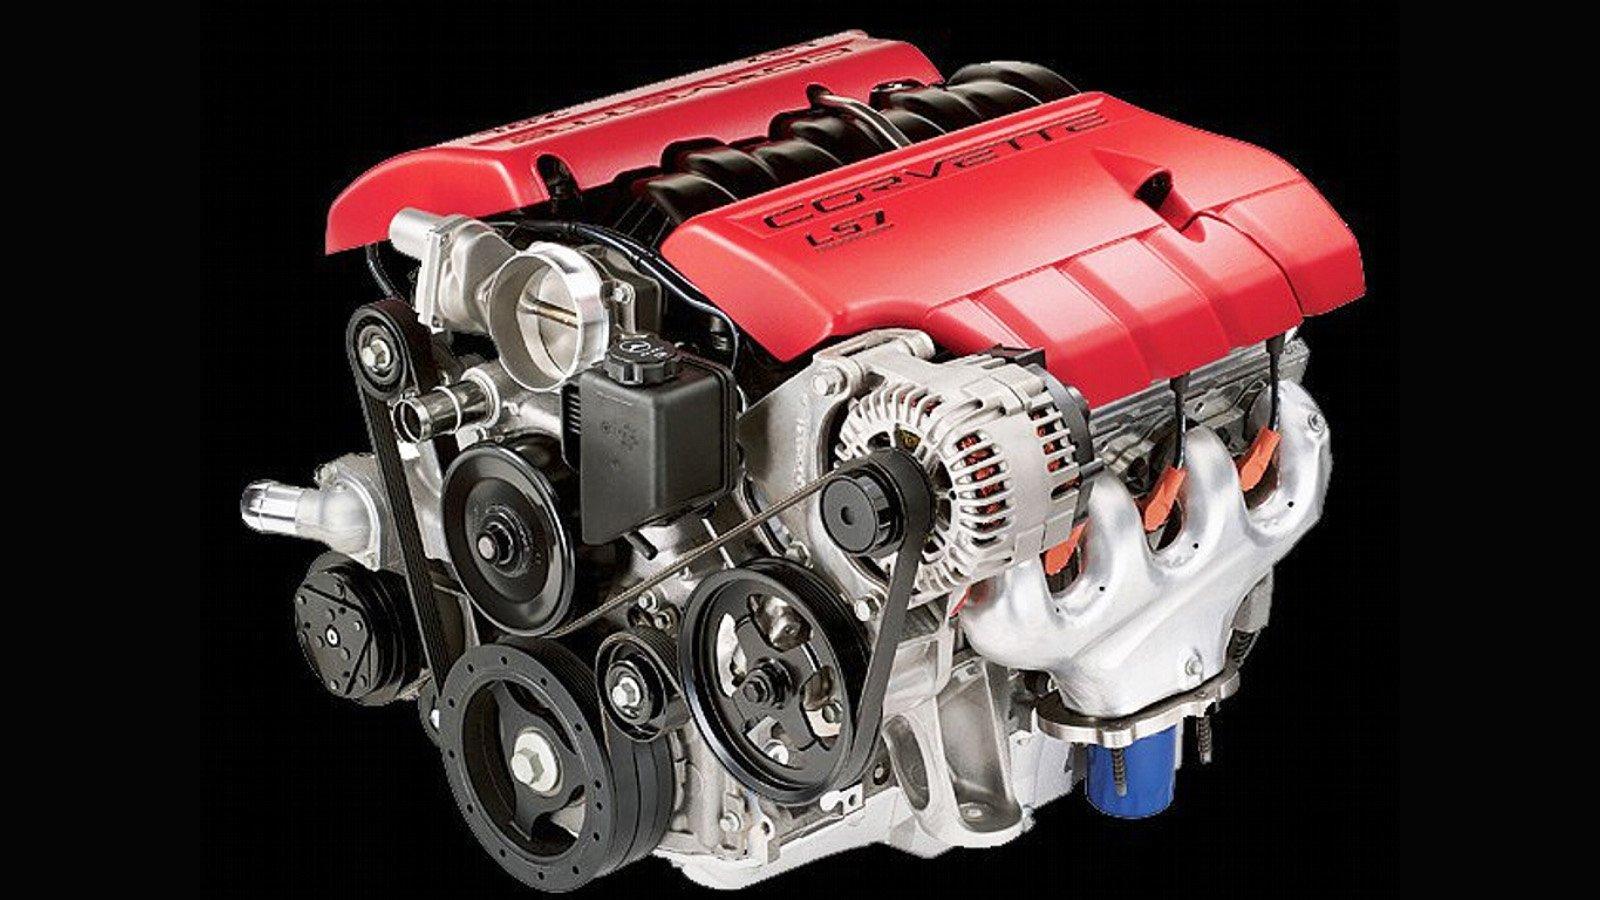 Chevrolet LS7 V8